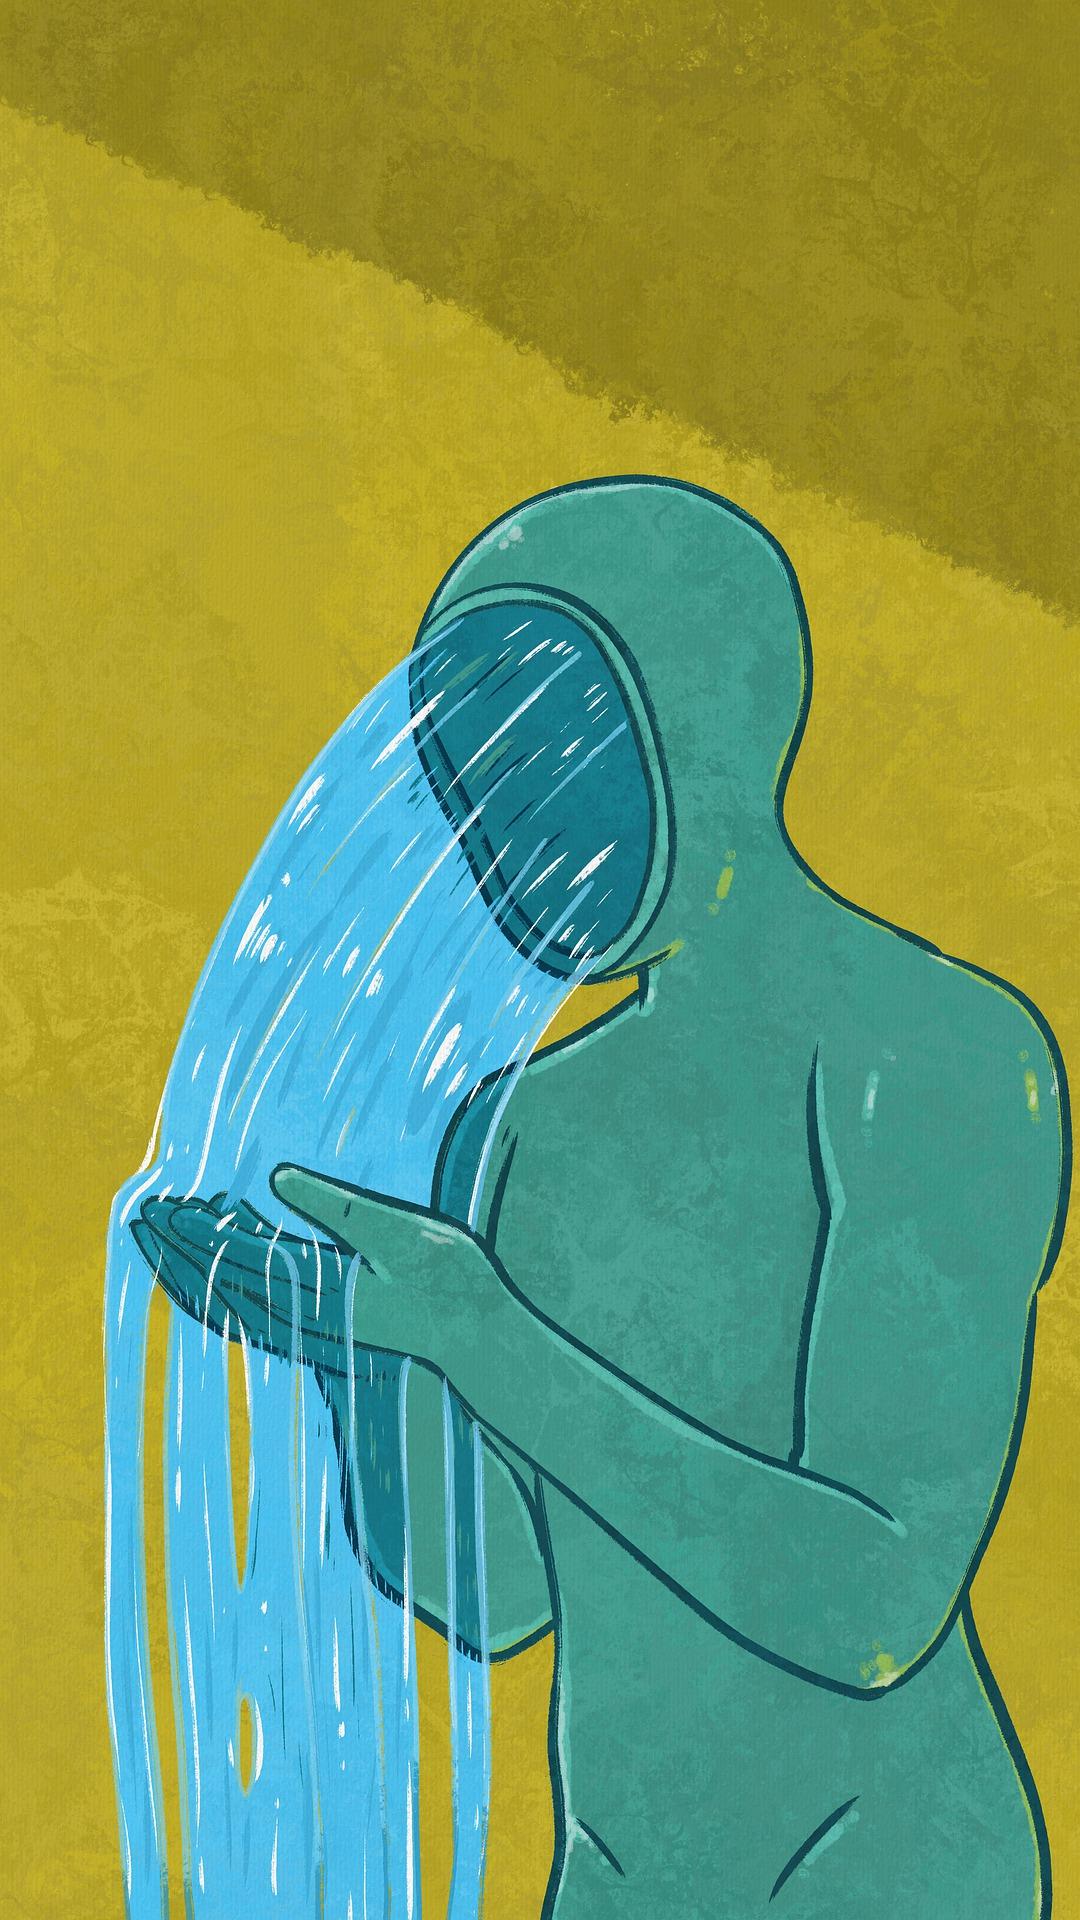 El duelo complicado puede llevar a desarrollar trastornos como ansiedad o depresión.